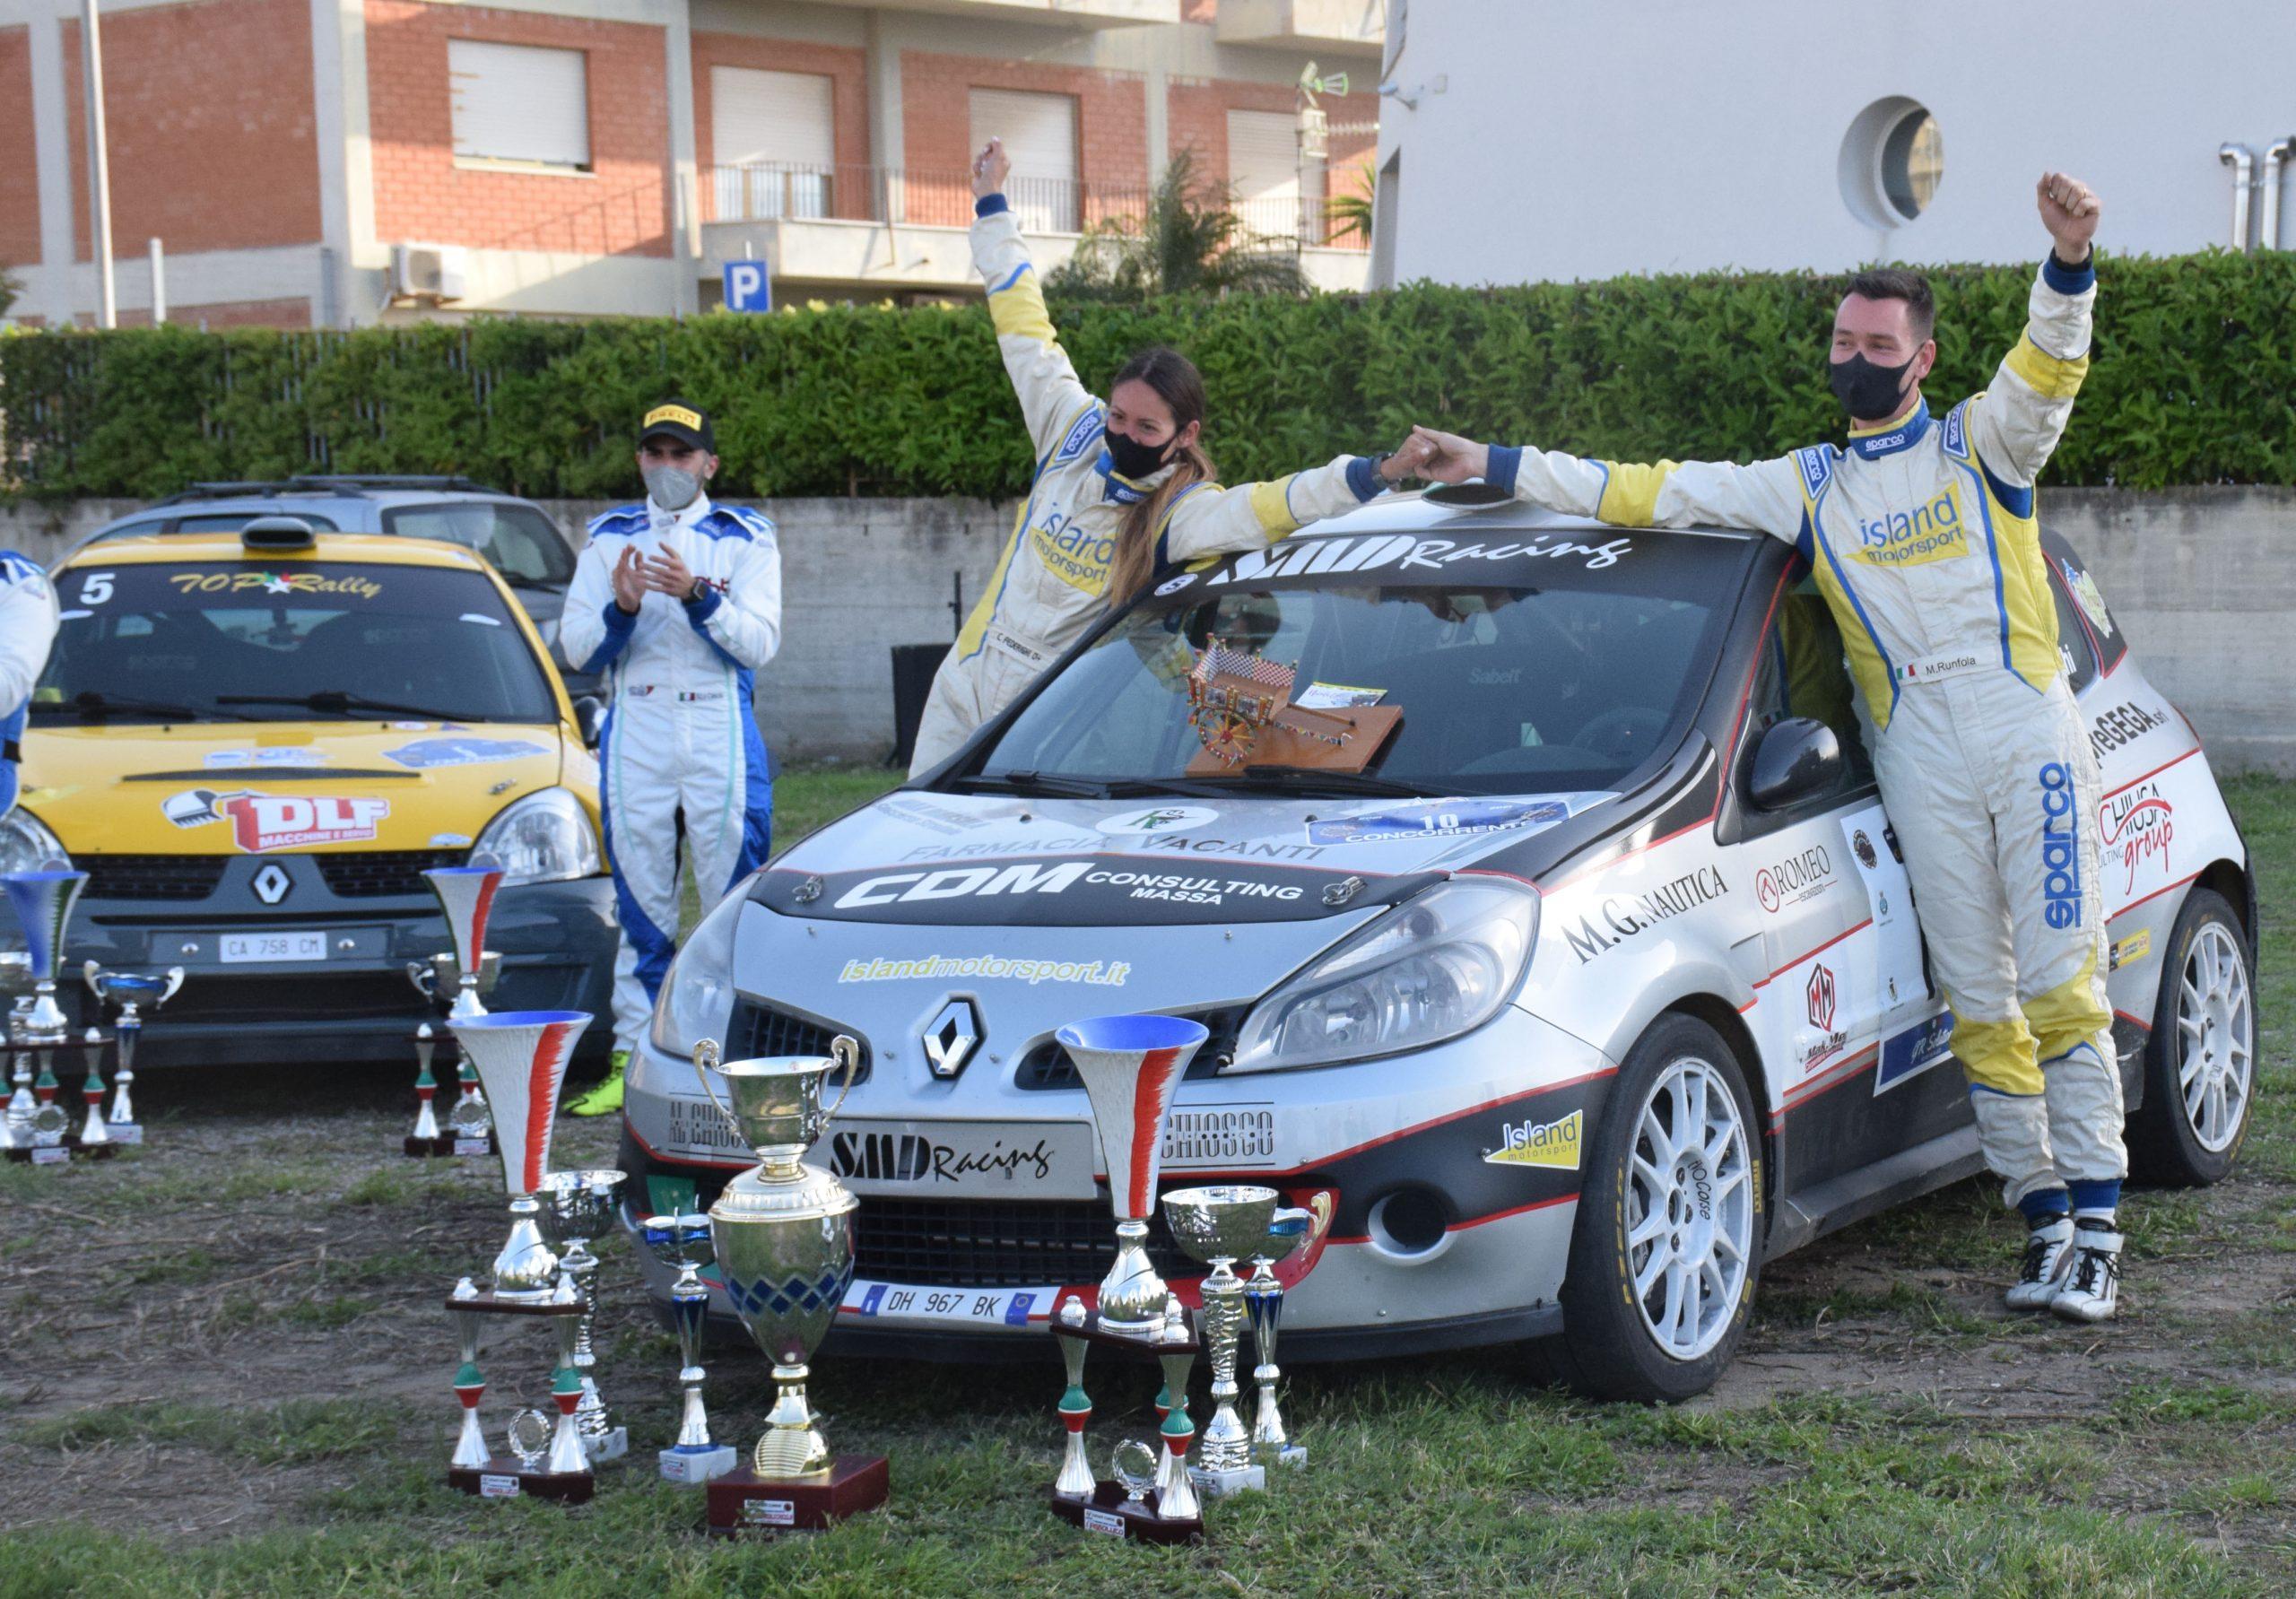 RALLY – Runfola-Federighi, su Renault Clio 3RC, si aggiudicano il 4° Rally di Cefalù